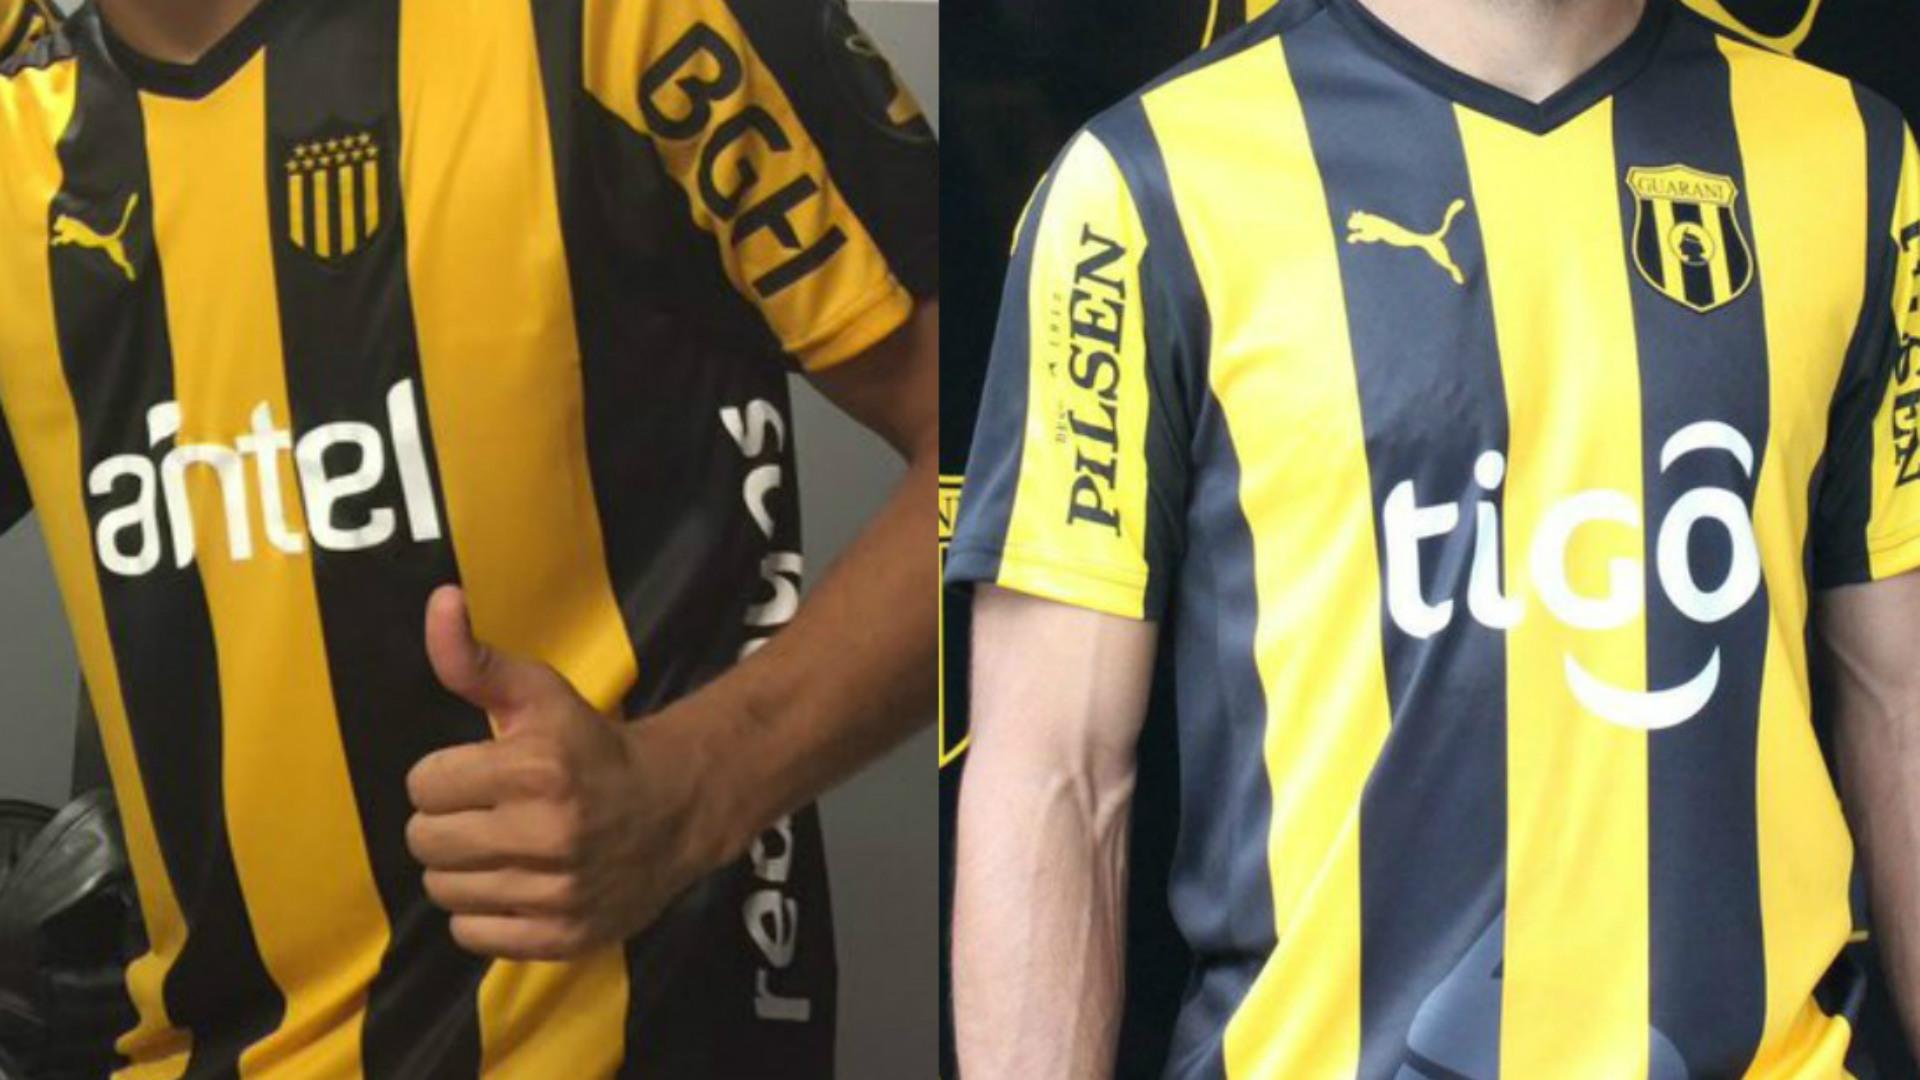 Las camisetas Puma de Peñarol y Guaraní despertaron polémica por su parecido